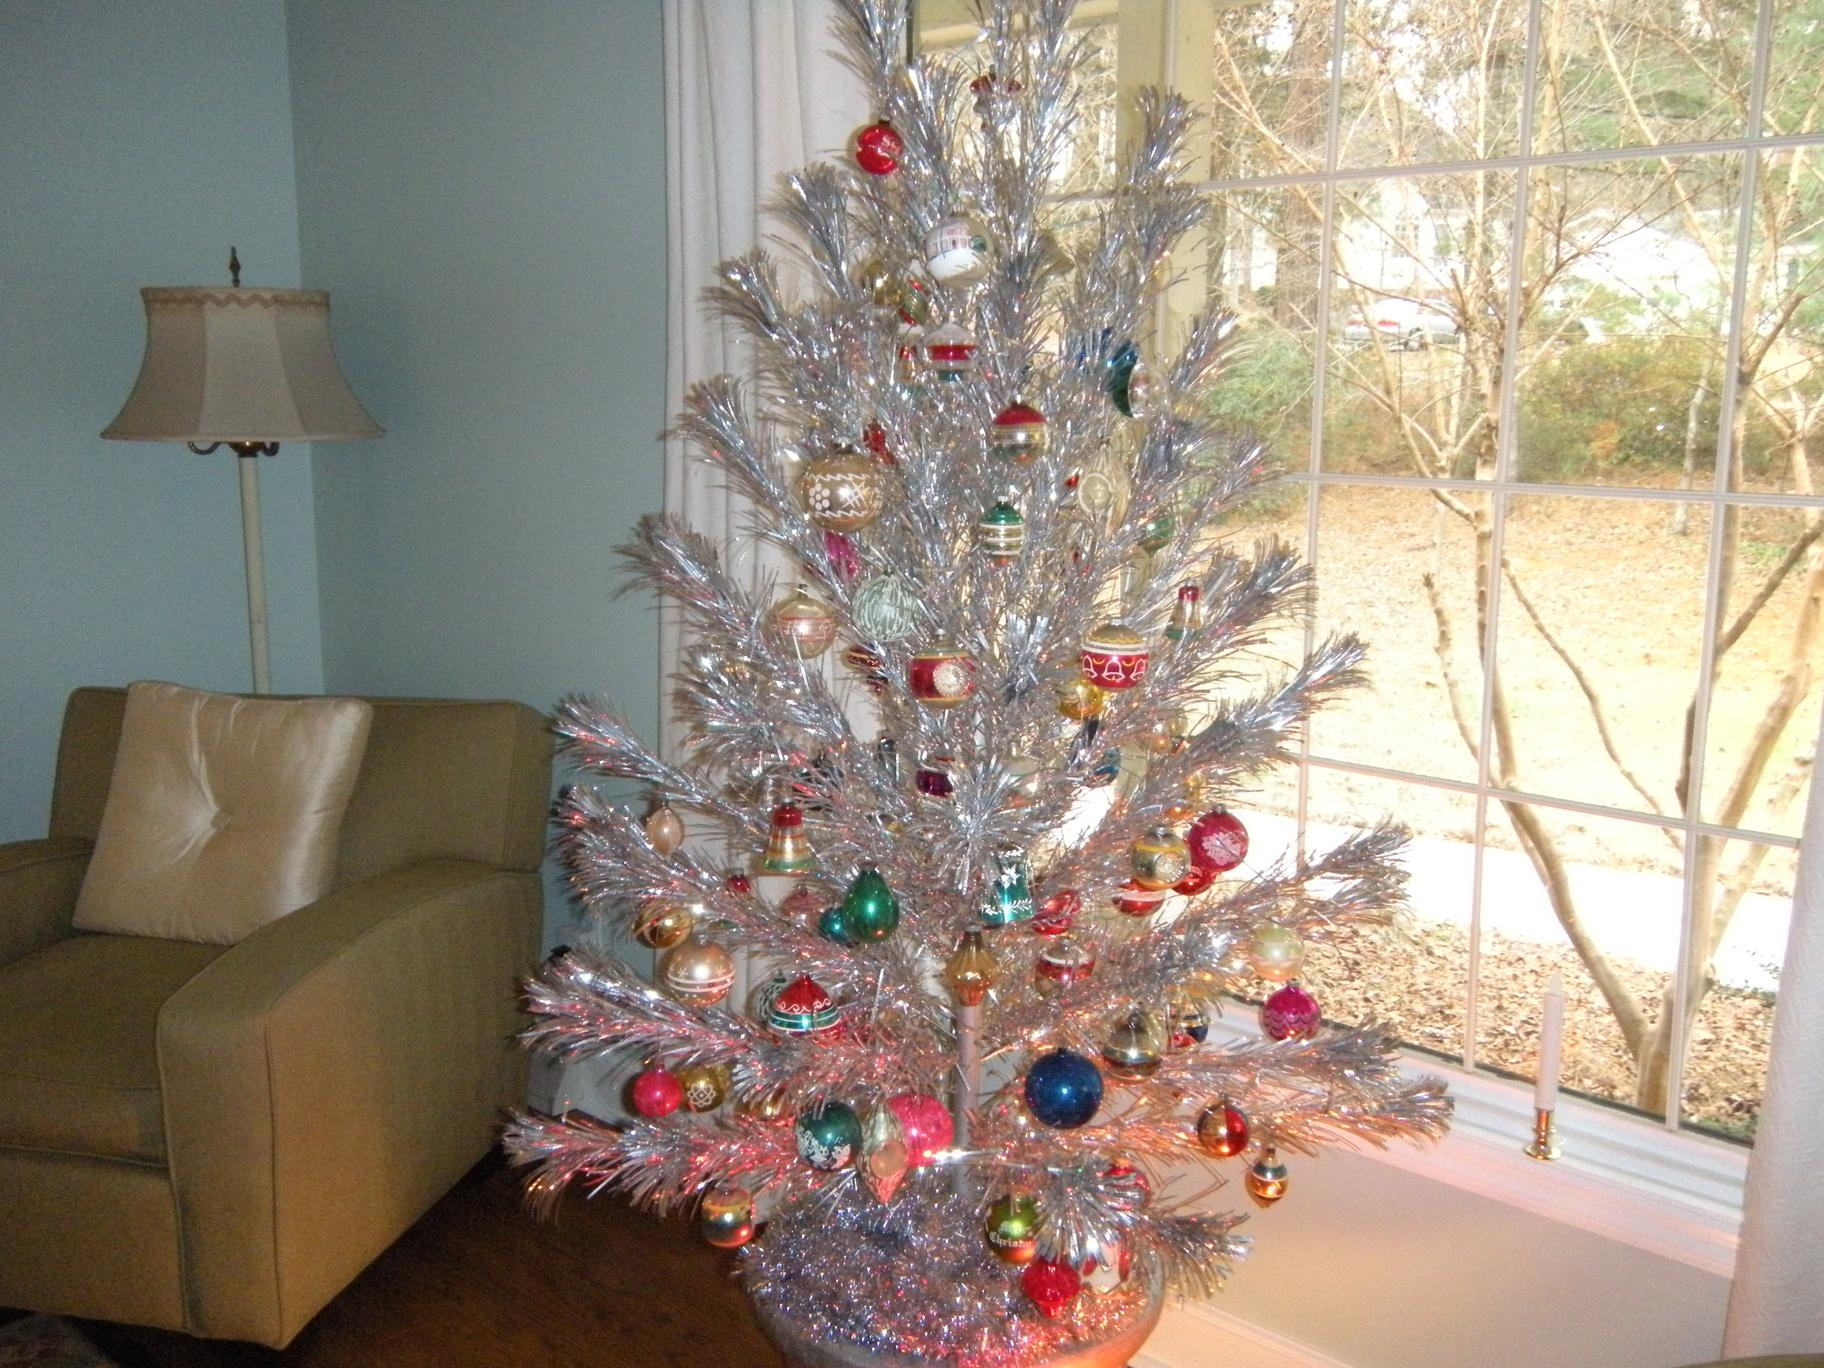 Tinselmania: 73 Vintage Aluminum Christmas Trees